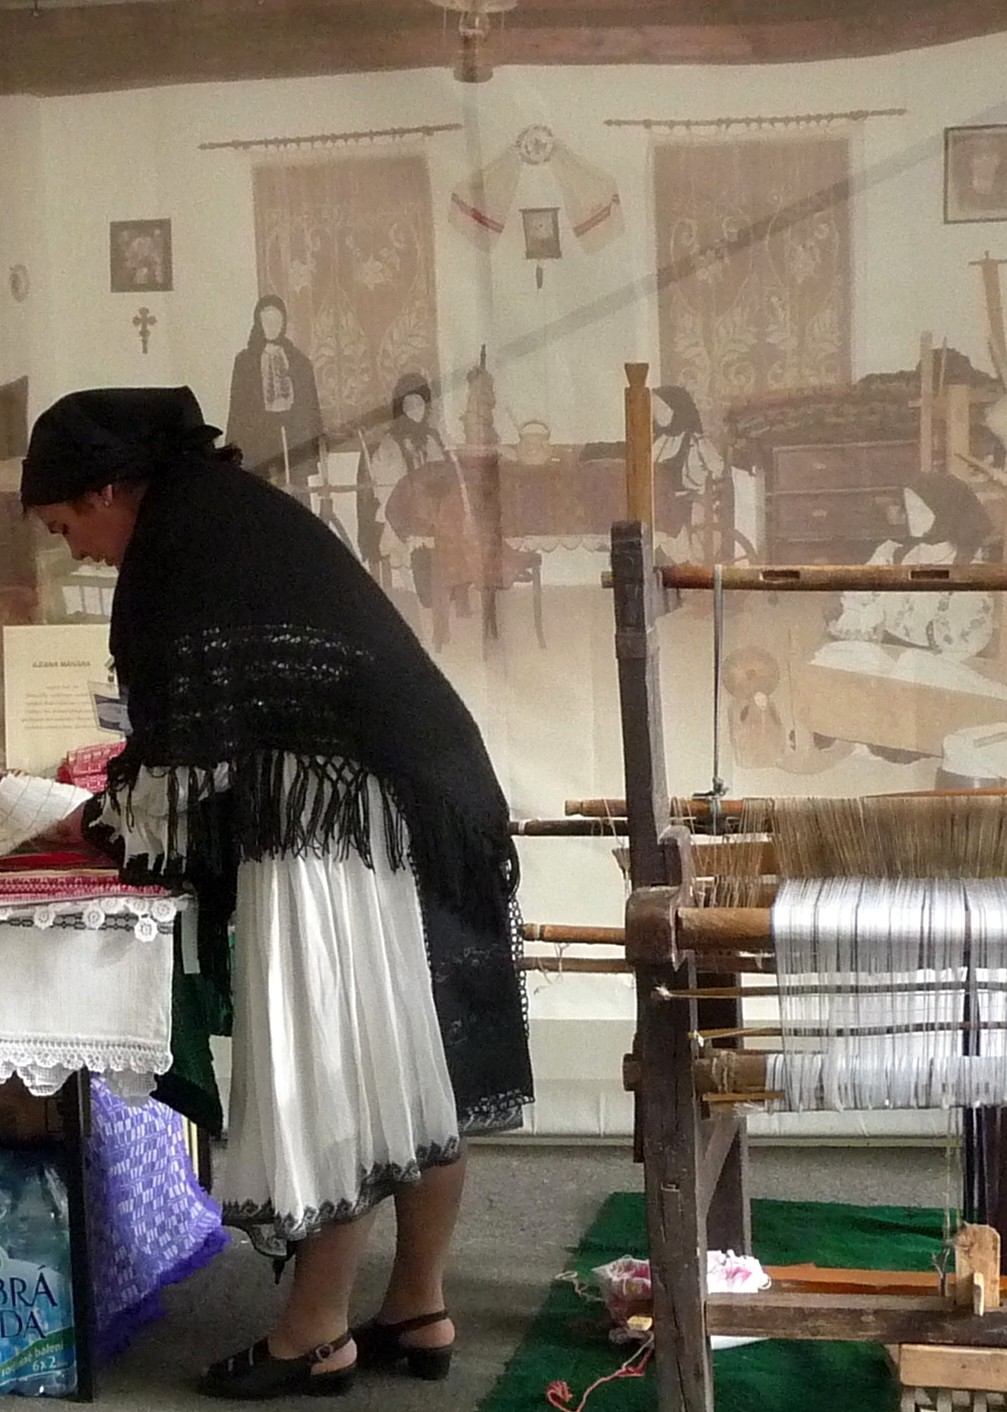 Před veletržními halami probíhaly ukázky rumunských tanců, lidové hudby a tradičních řemesel